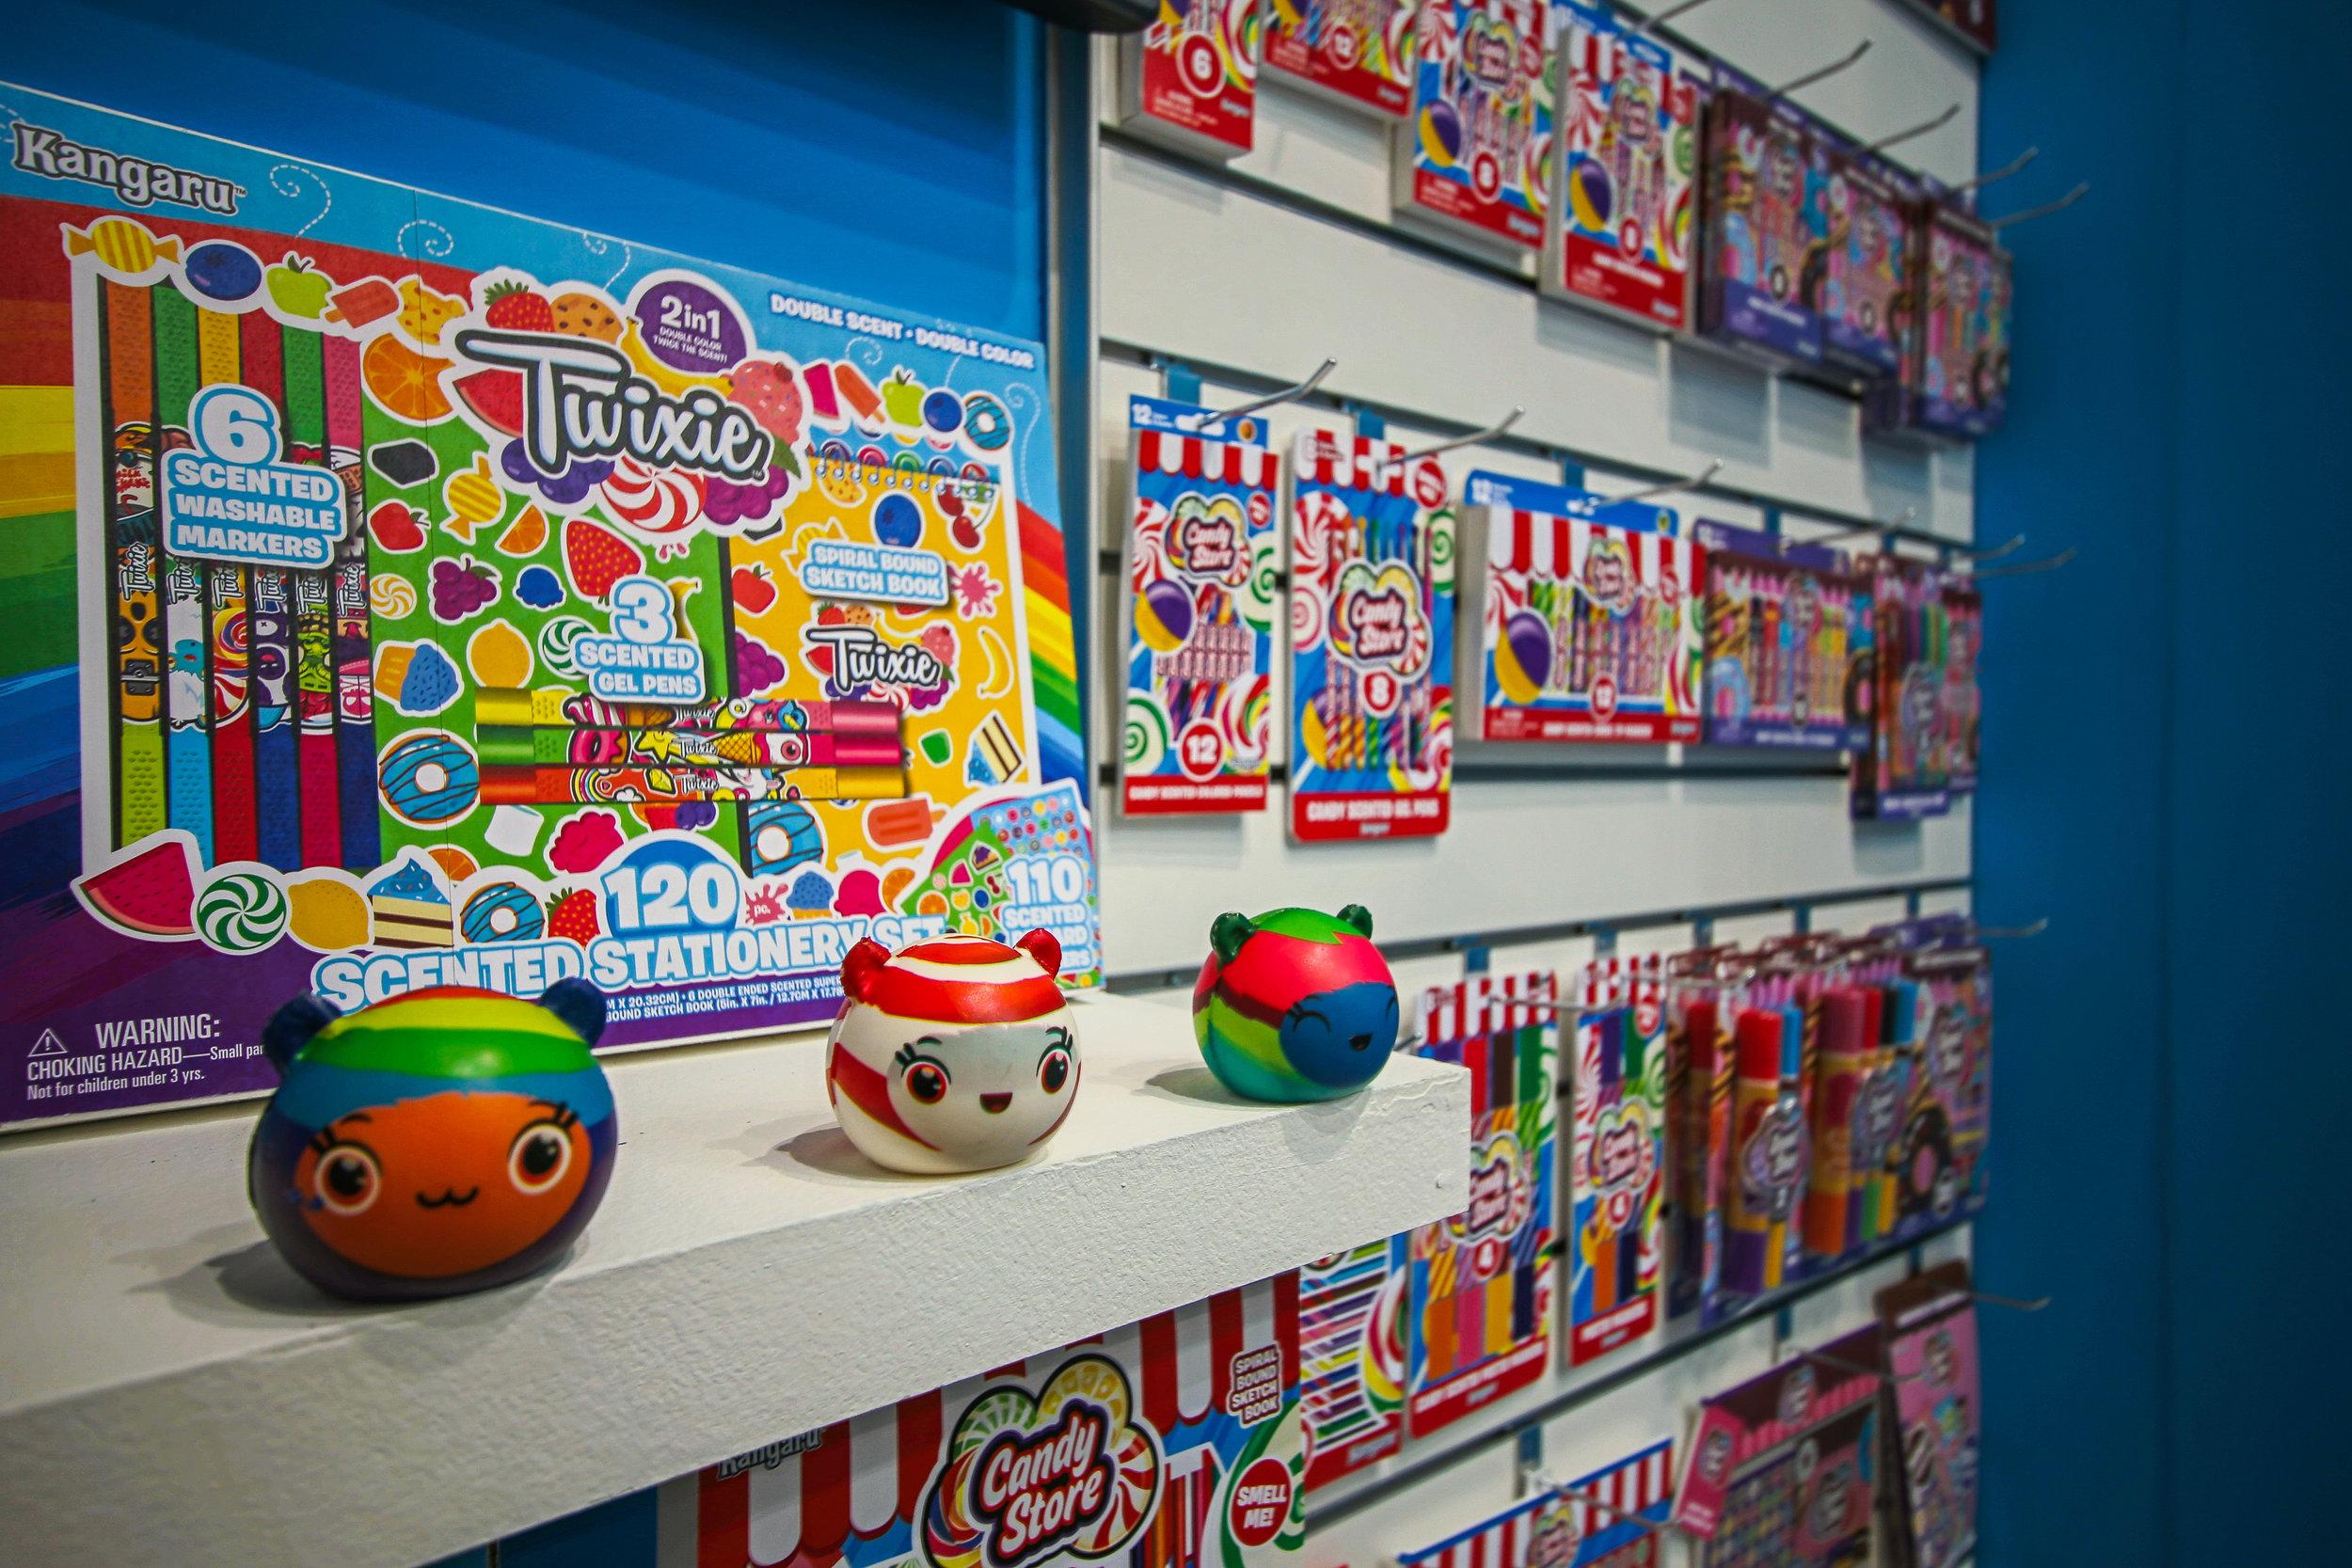 Photos Kangaru Spielwarenmesse 2019 high res40.jpg